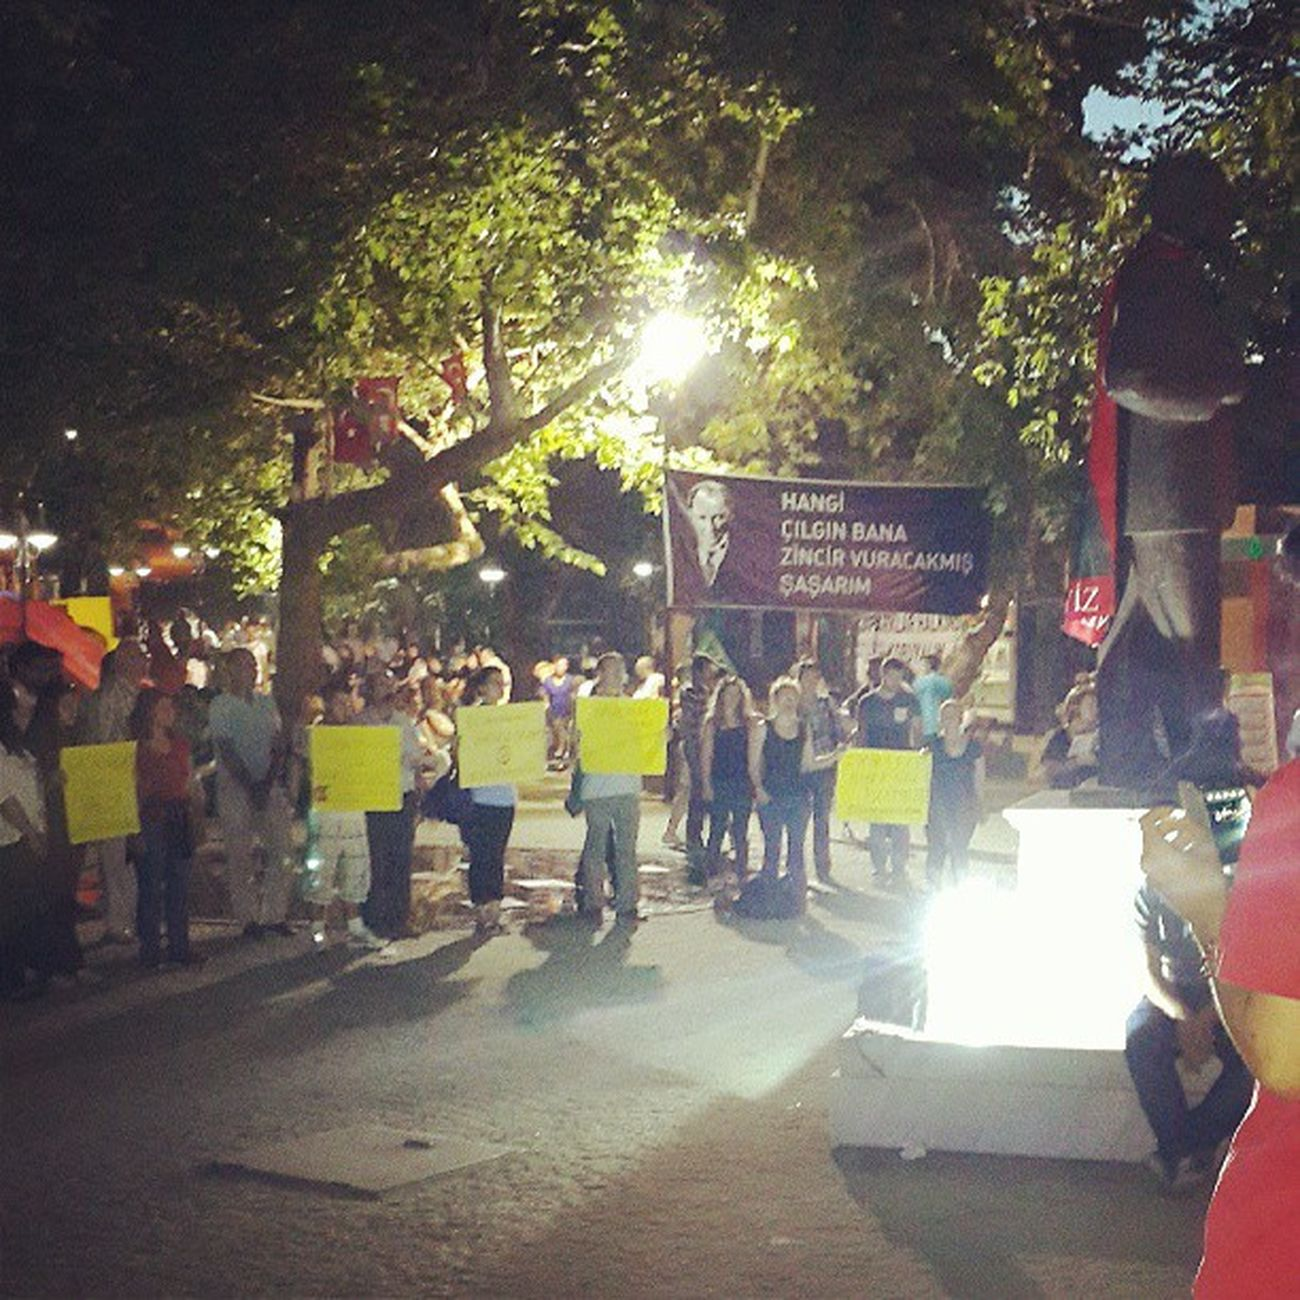 Duruyoruz Direniyoruz Ankara Direnankara direngezi occupygezi diren duranadam